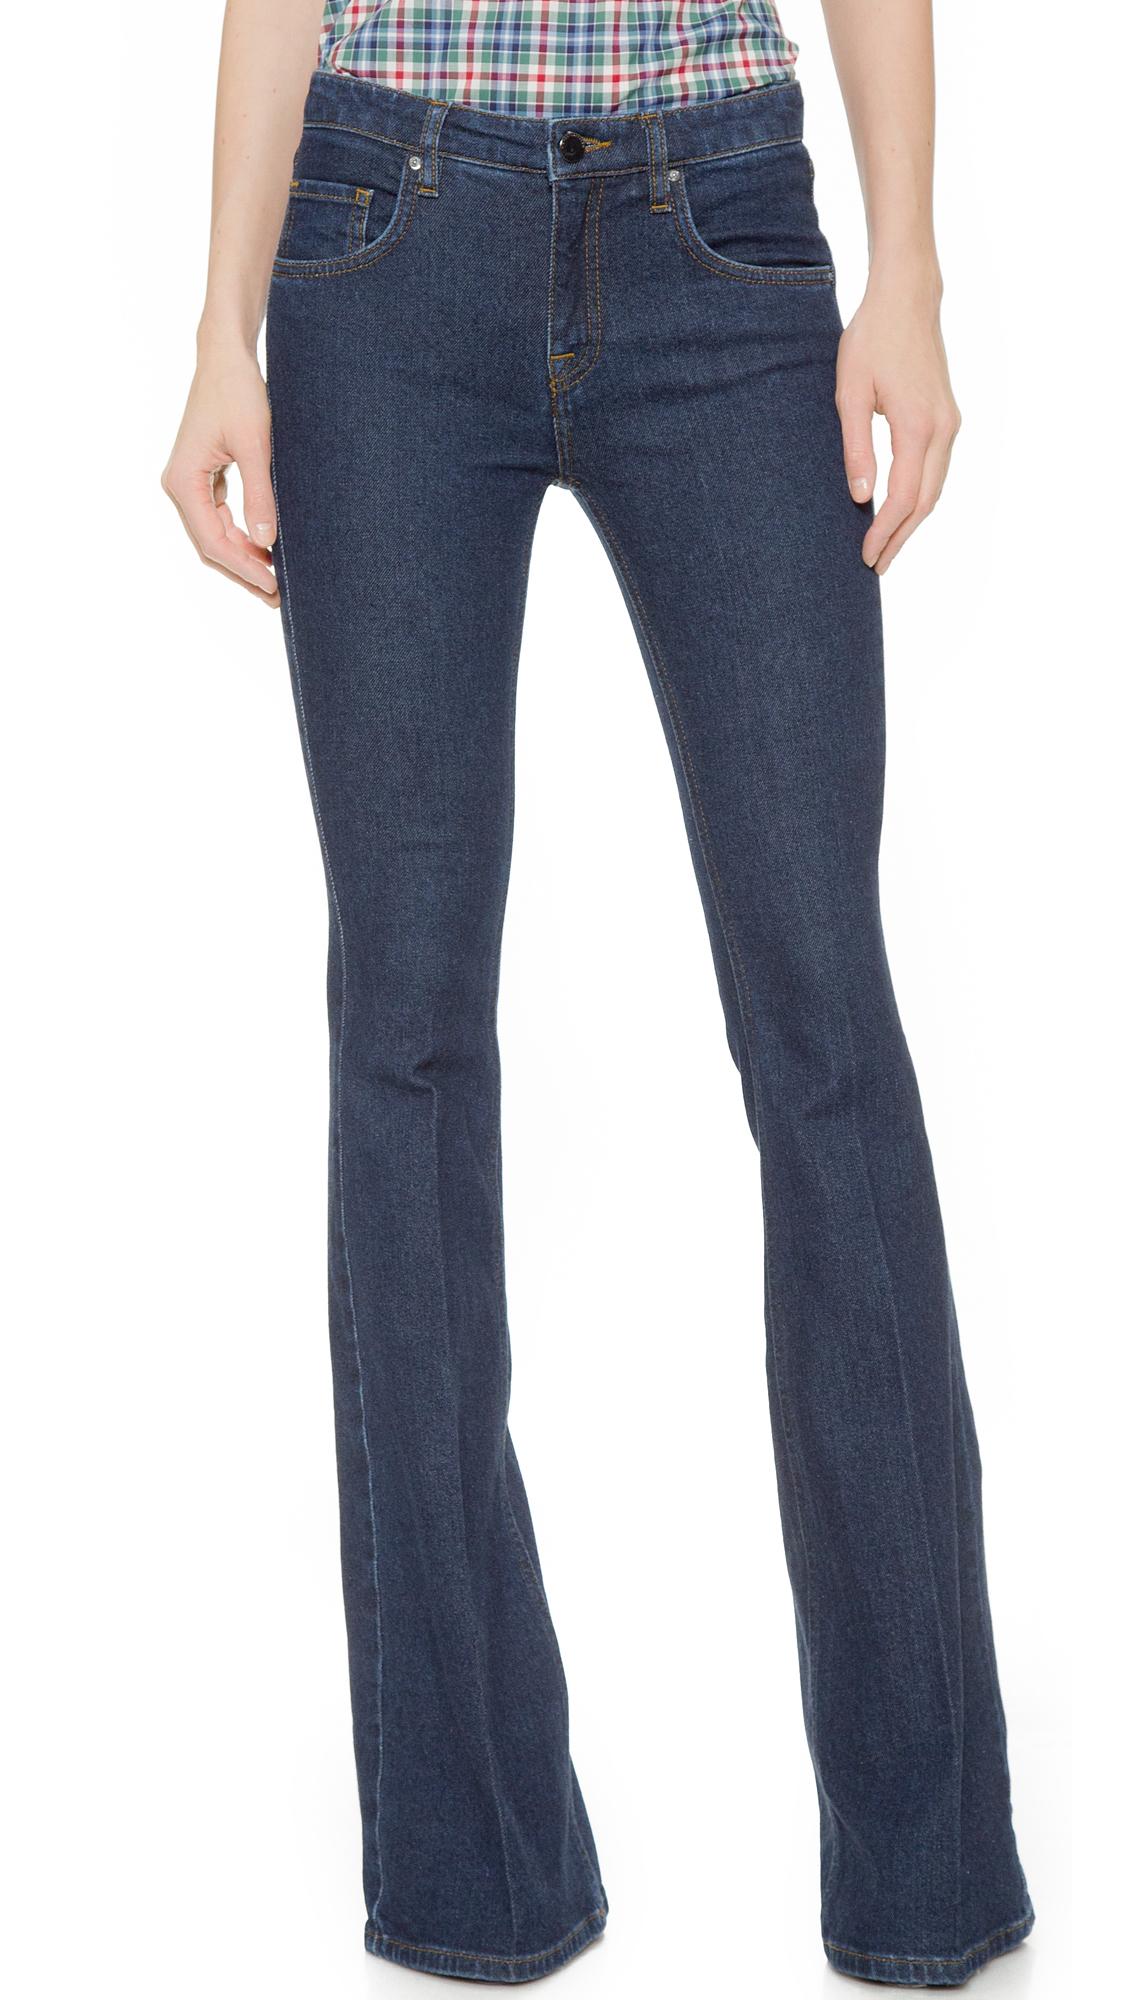 victoria beckham flare jeans seberg in blue lyst. Black Bedroom Furniture Sets. Home Design Ideas